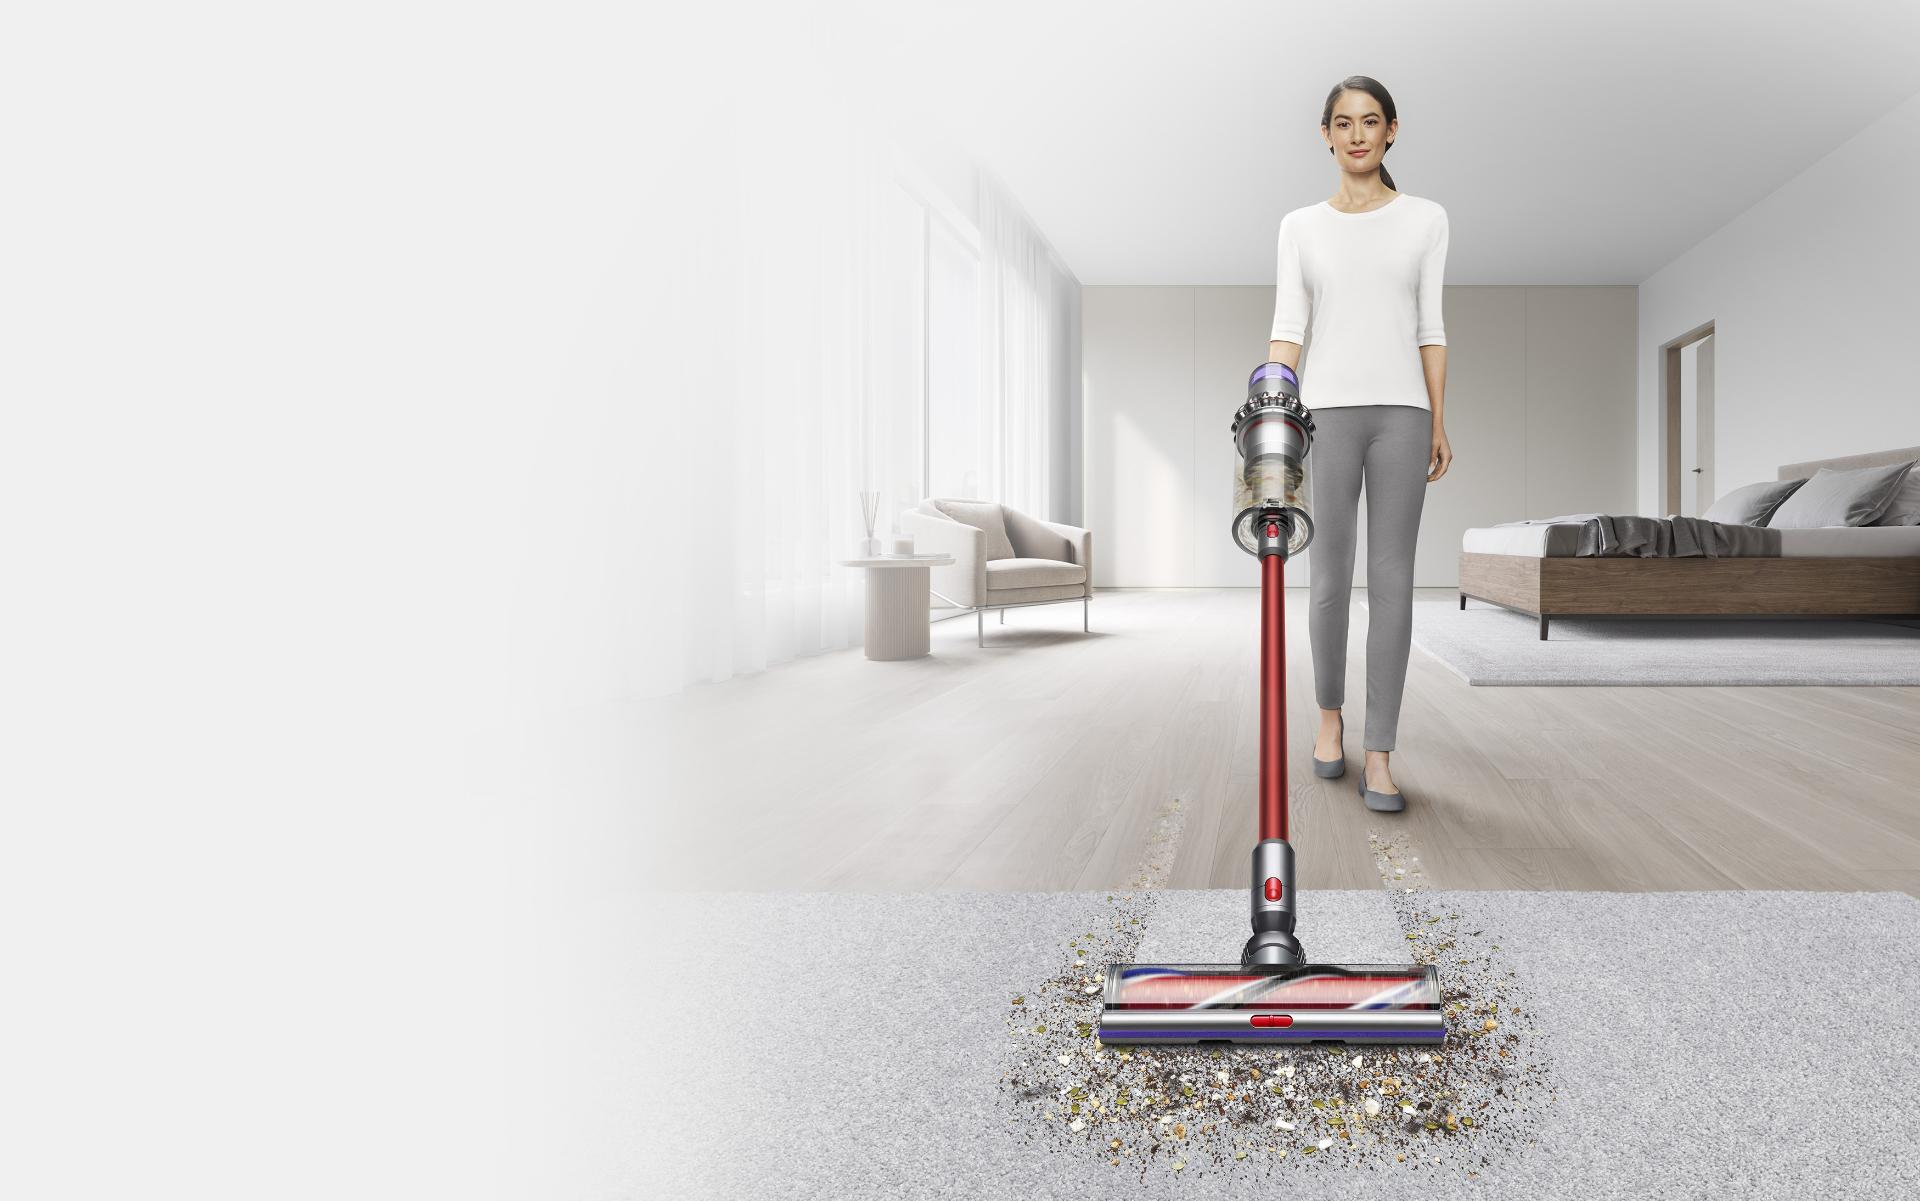 다이슨 아웃사이즈 무선 청소기가 카펫을 청소하는 동영상.